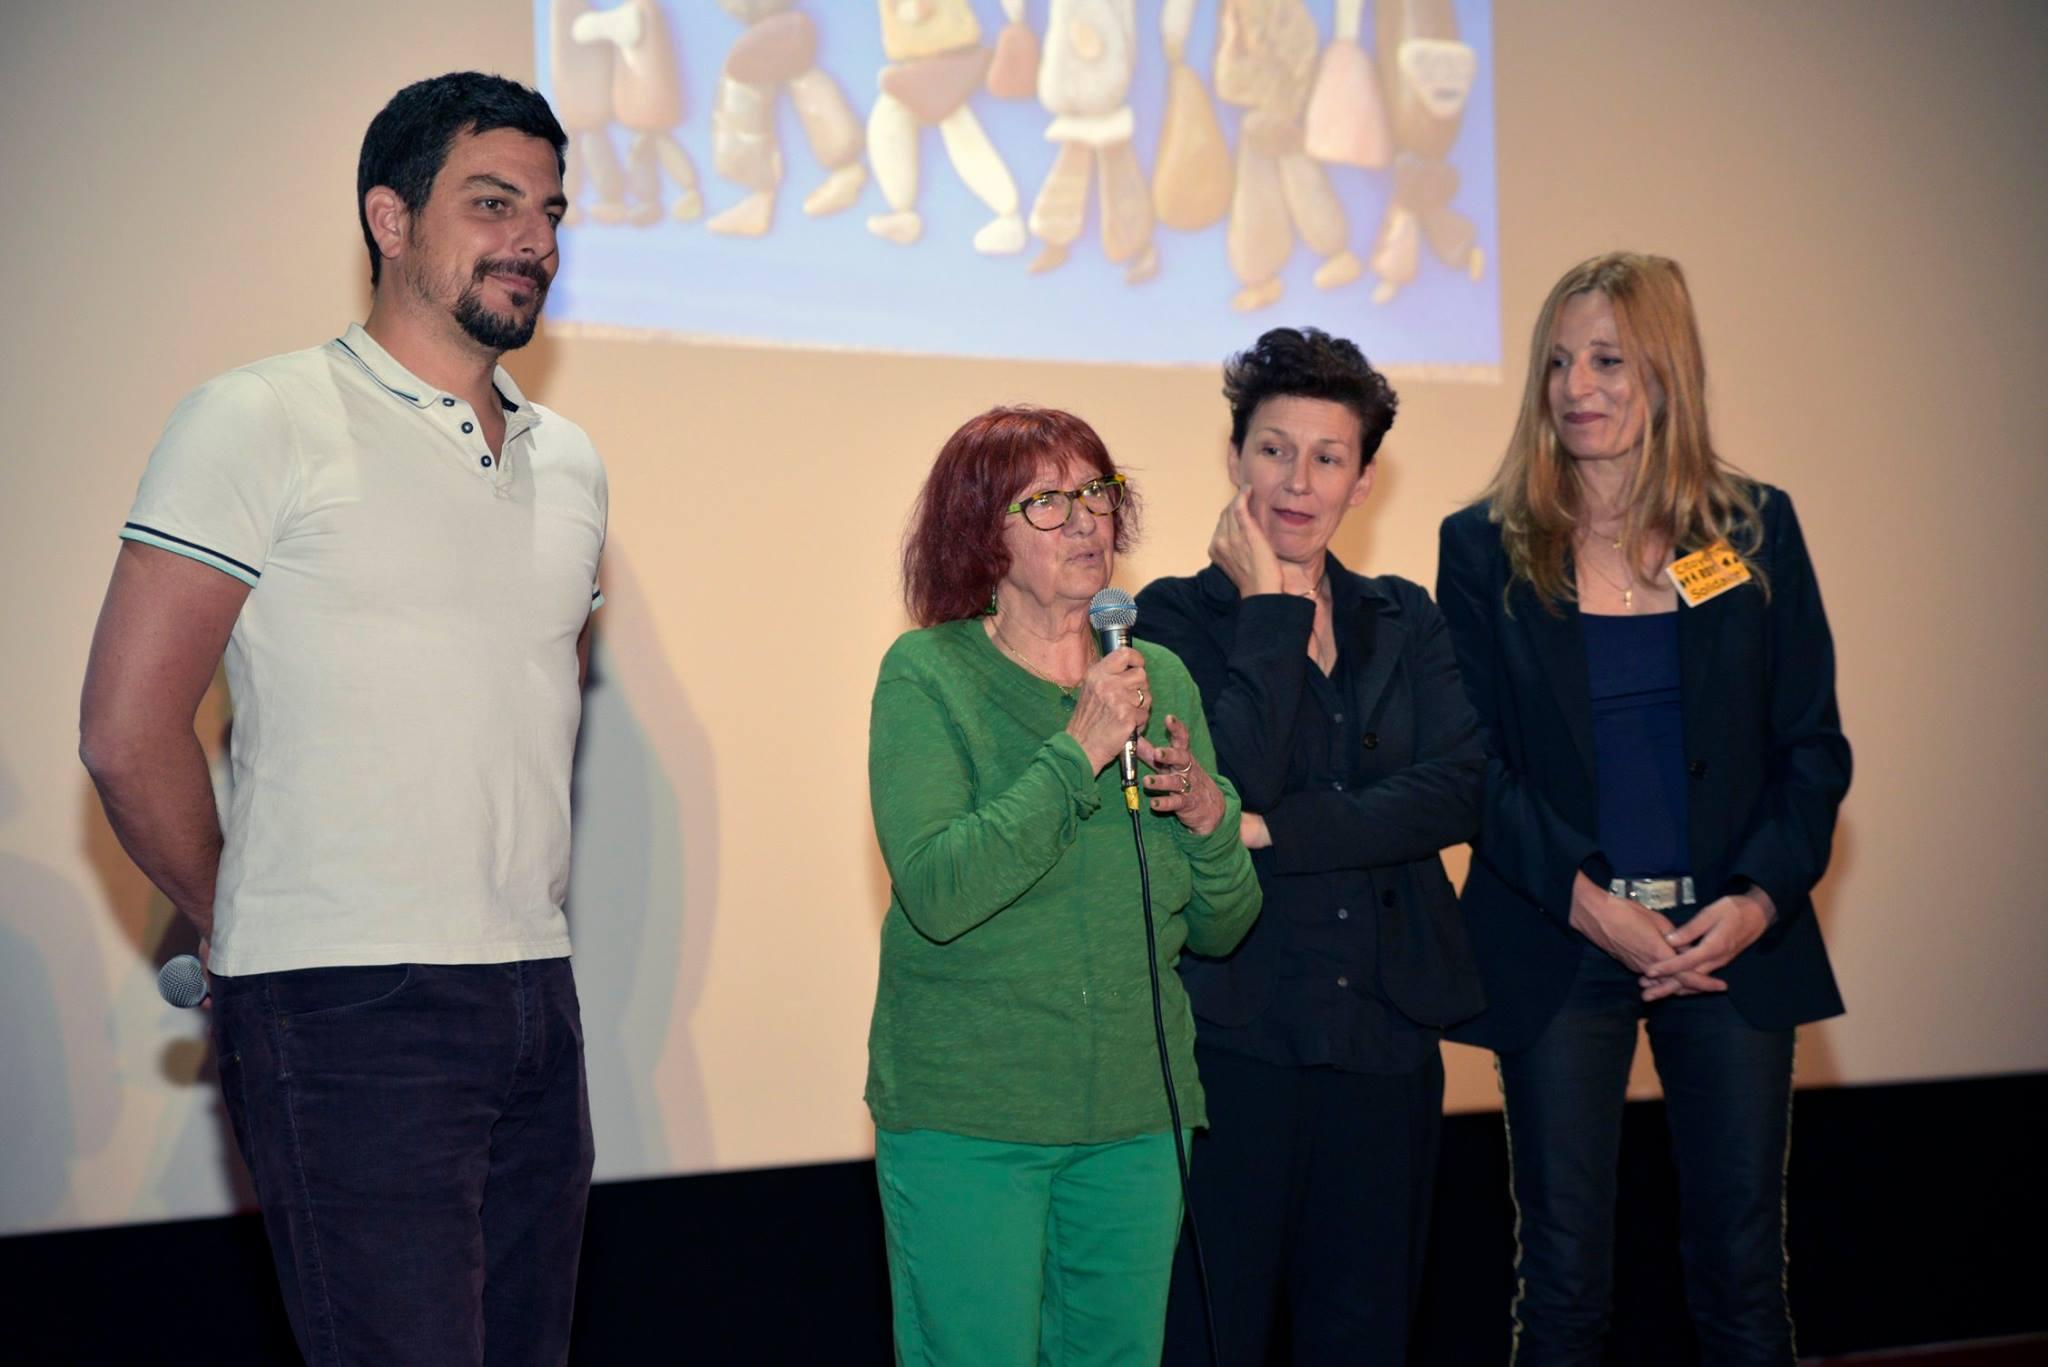 Organisateurs : Benoit Arnulf, Teresa Maffeis, Johanna Piraino et Christine Lidon